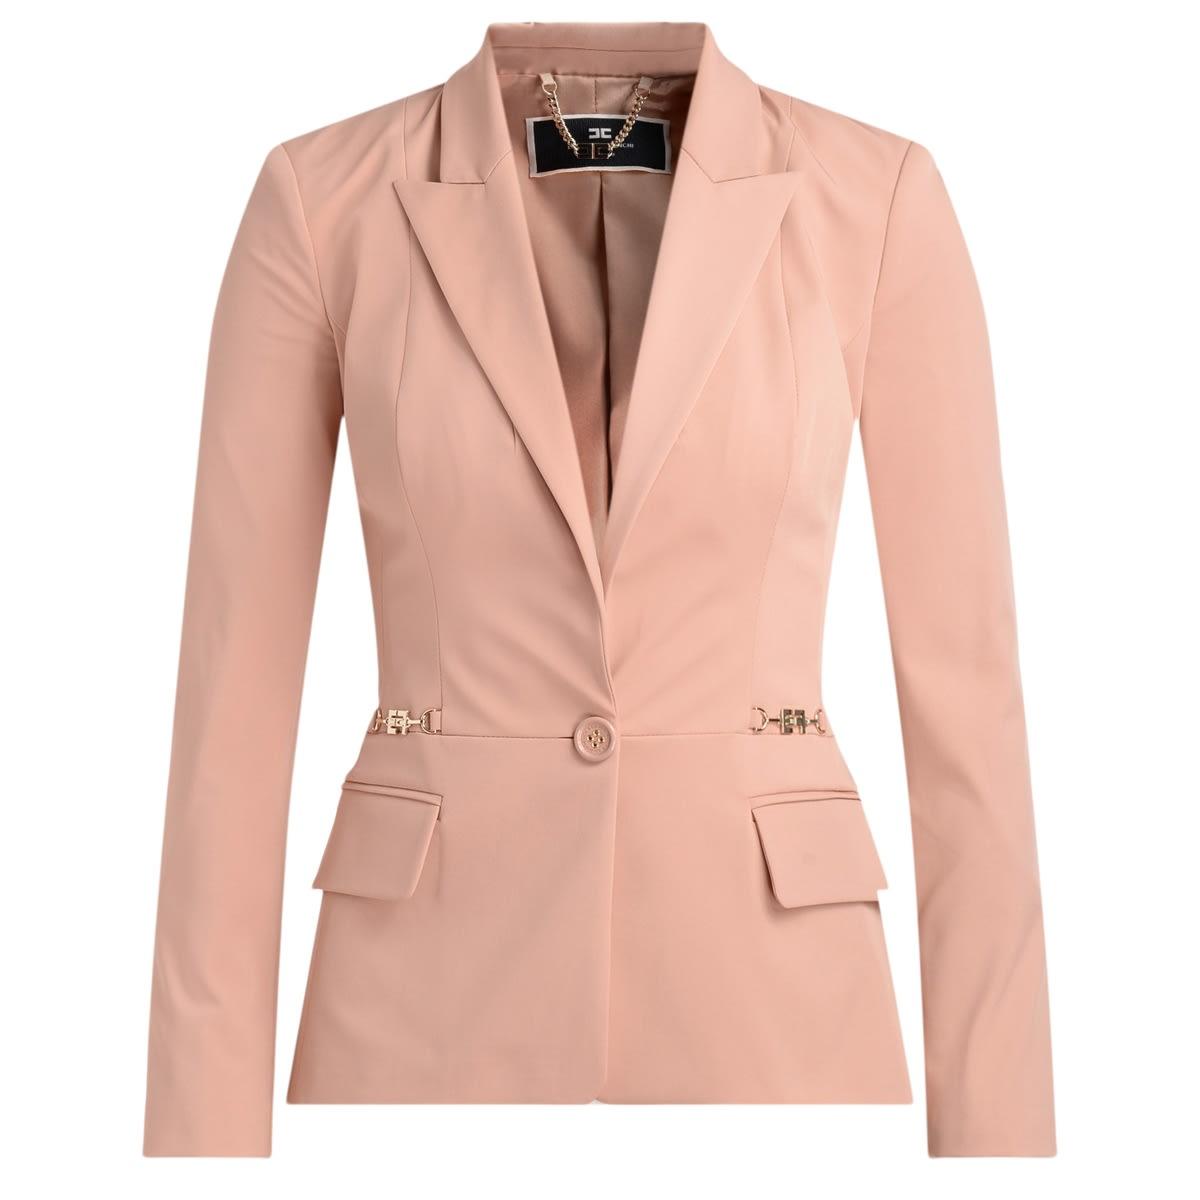 Blazer With Gold Buckles Elisabetta Franchi Pink Blush